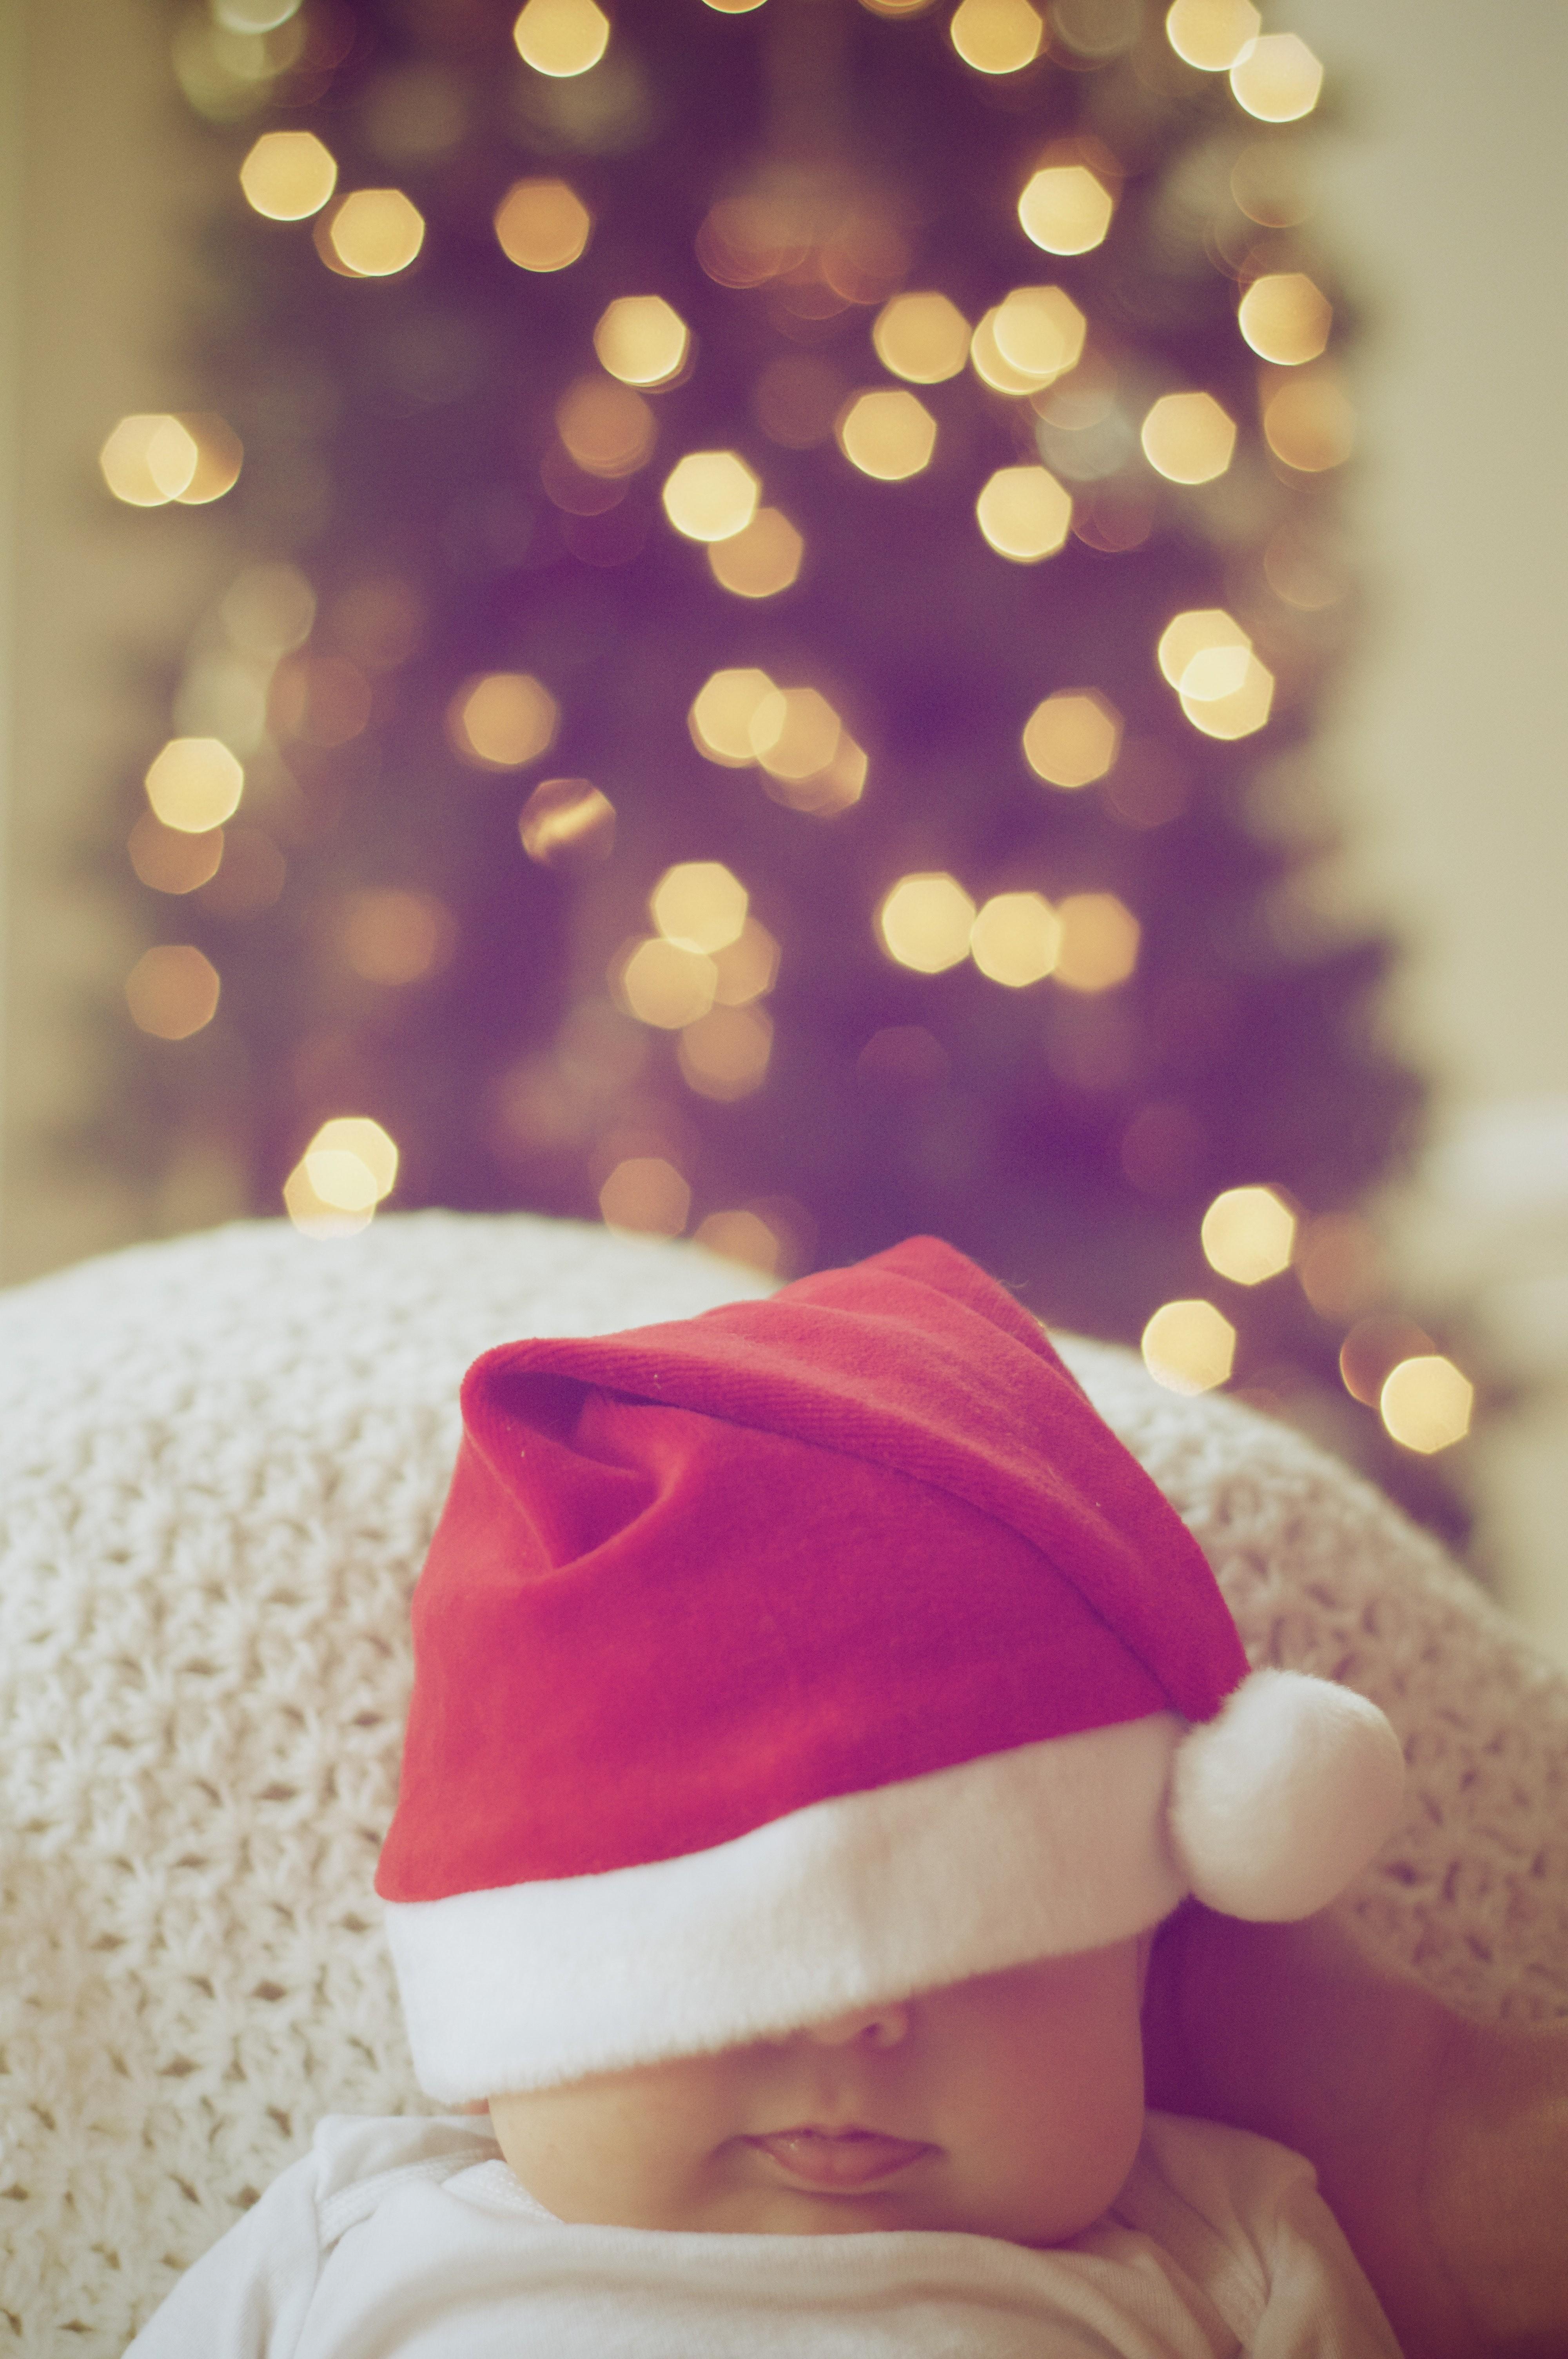 Роды 31 декабря: 5 реальных новогодних историй